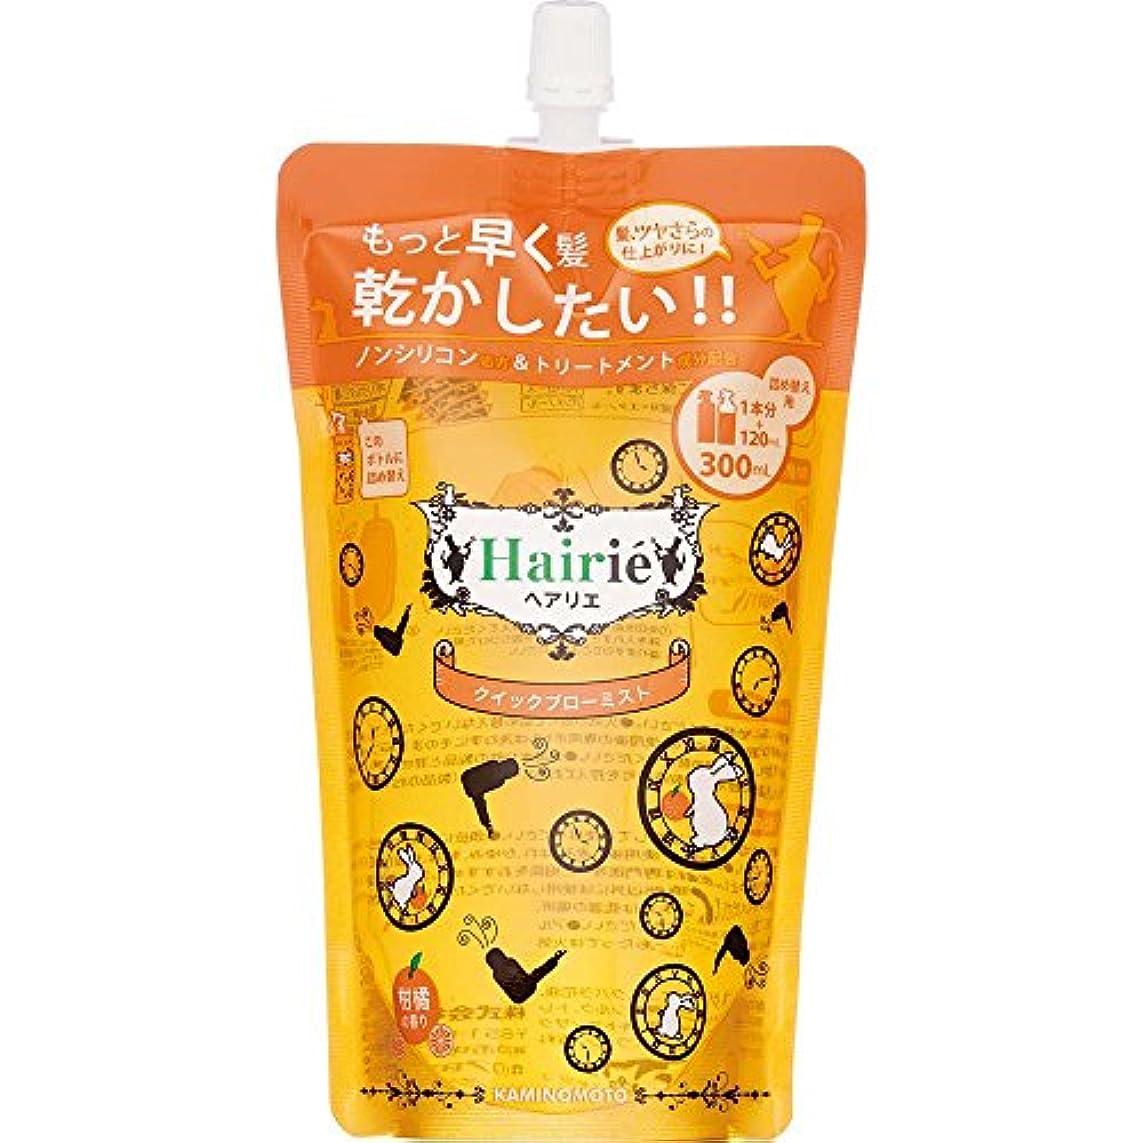 概念公弾力性のあるヘアリエ クイックブローミスト 柑橘の香り 詰め替え 300mL